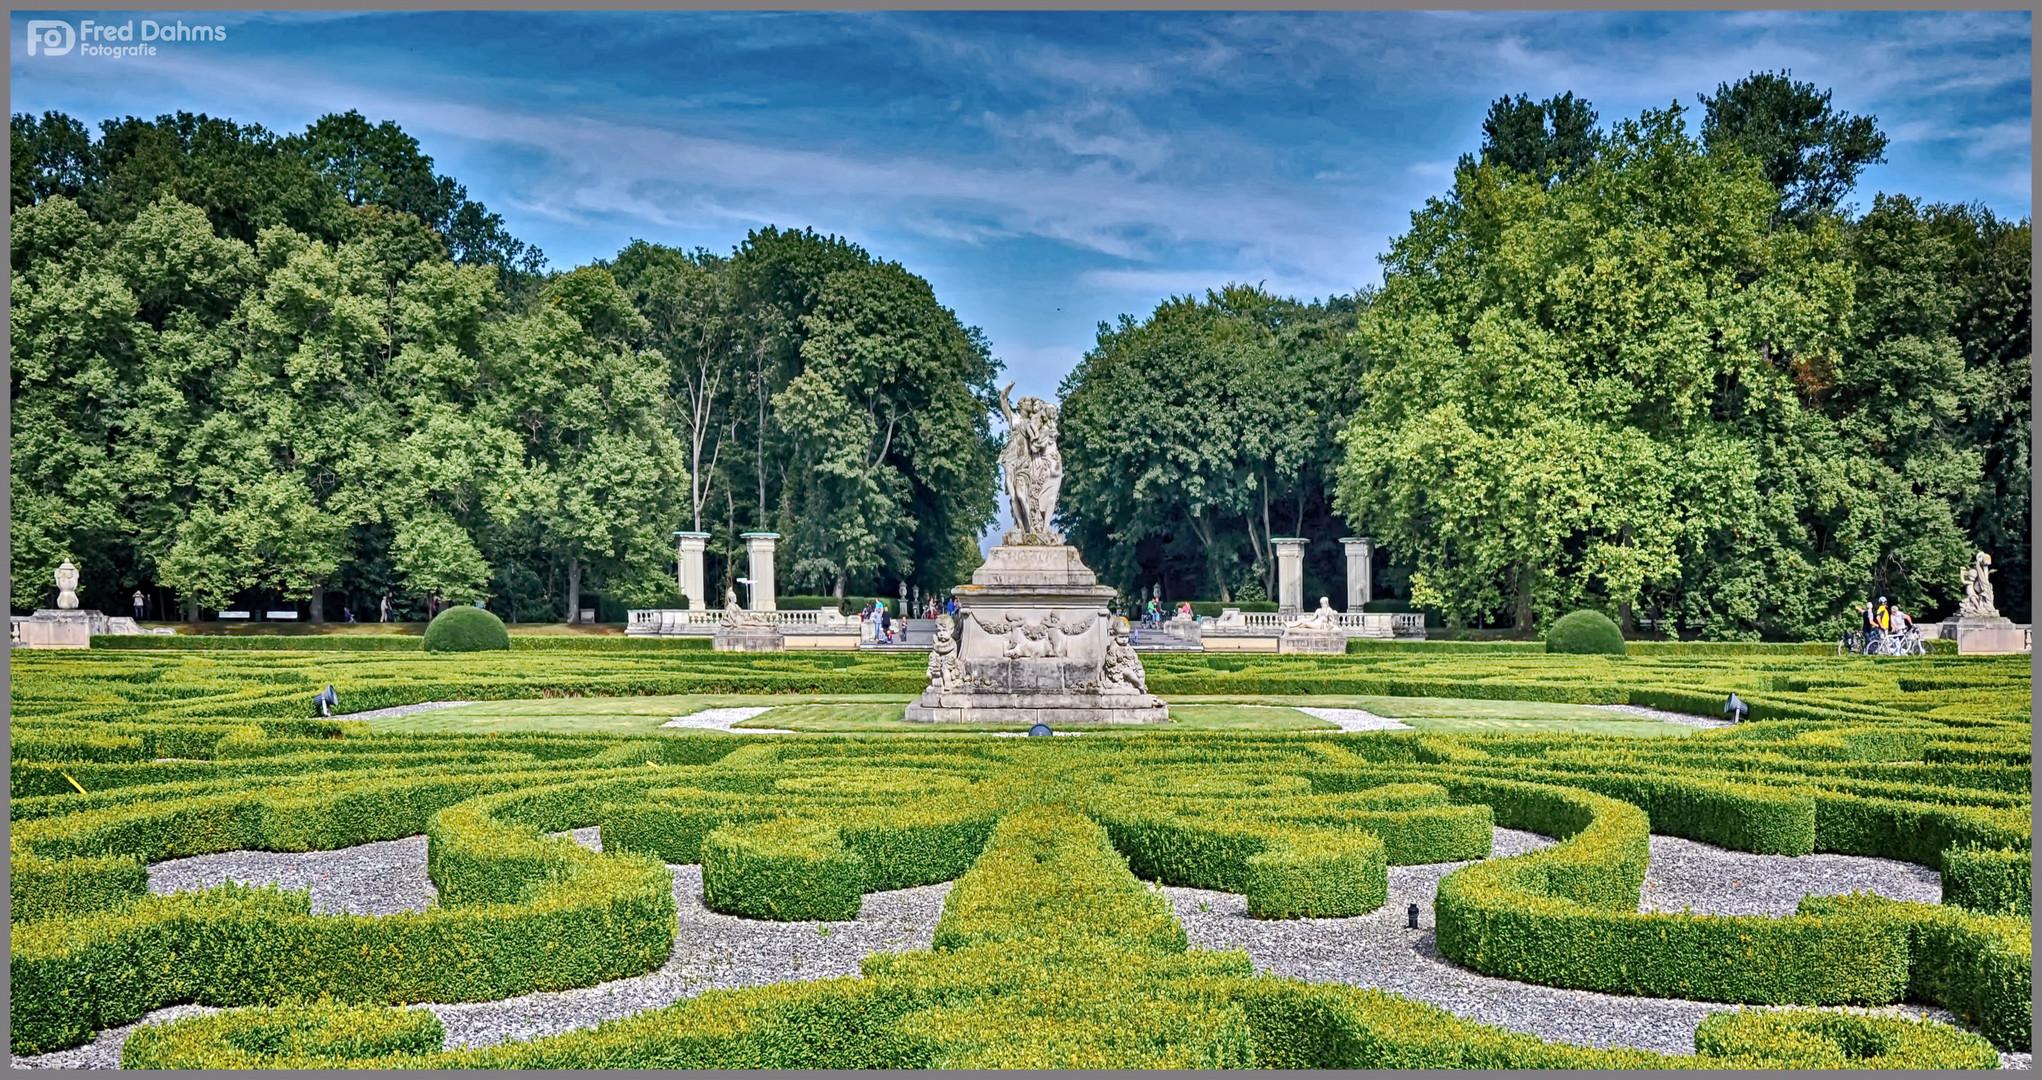 Schlosspark. Schloss Nordkirchen